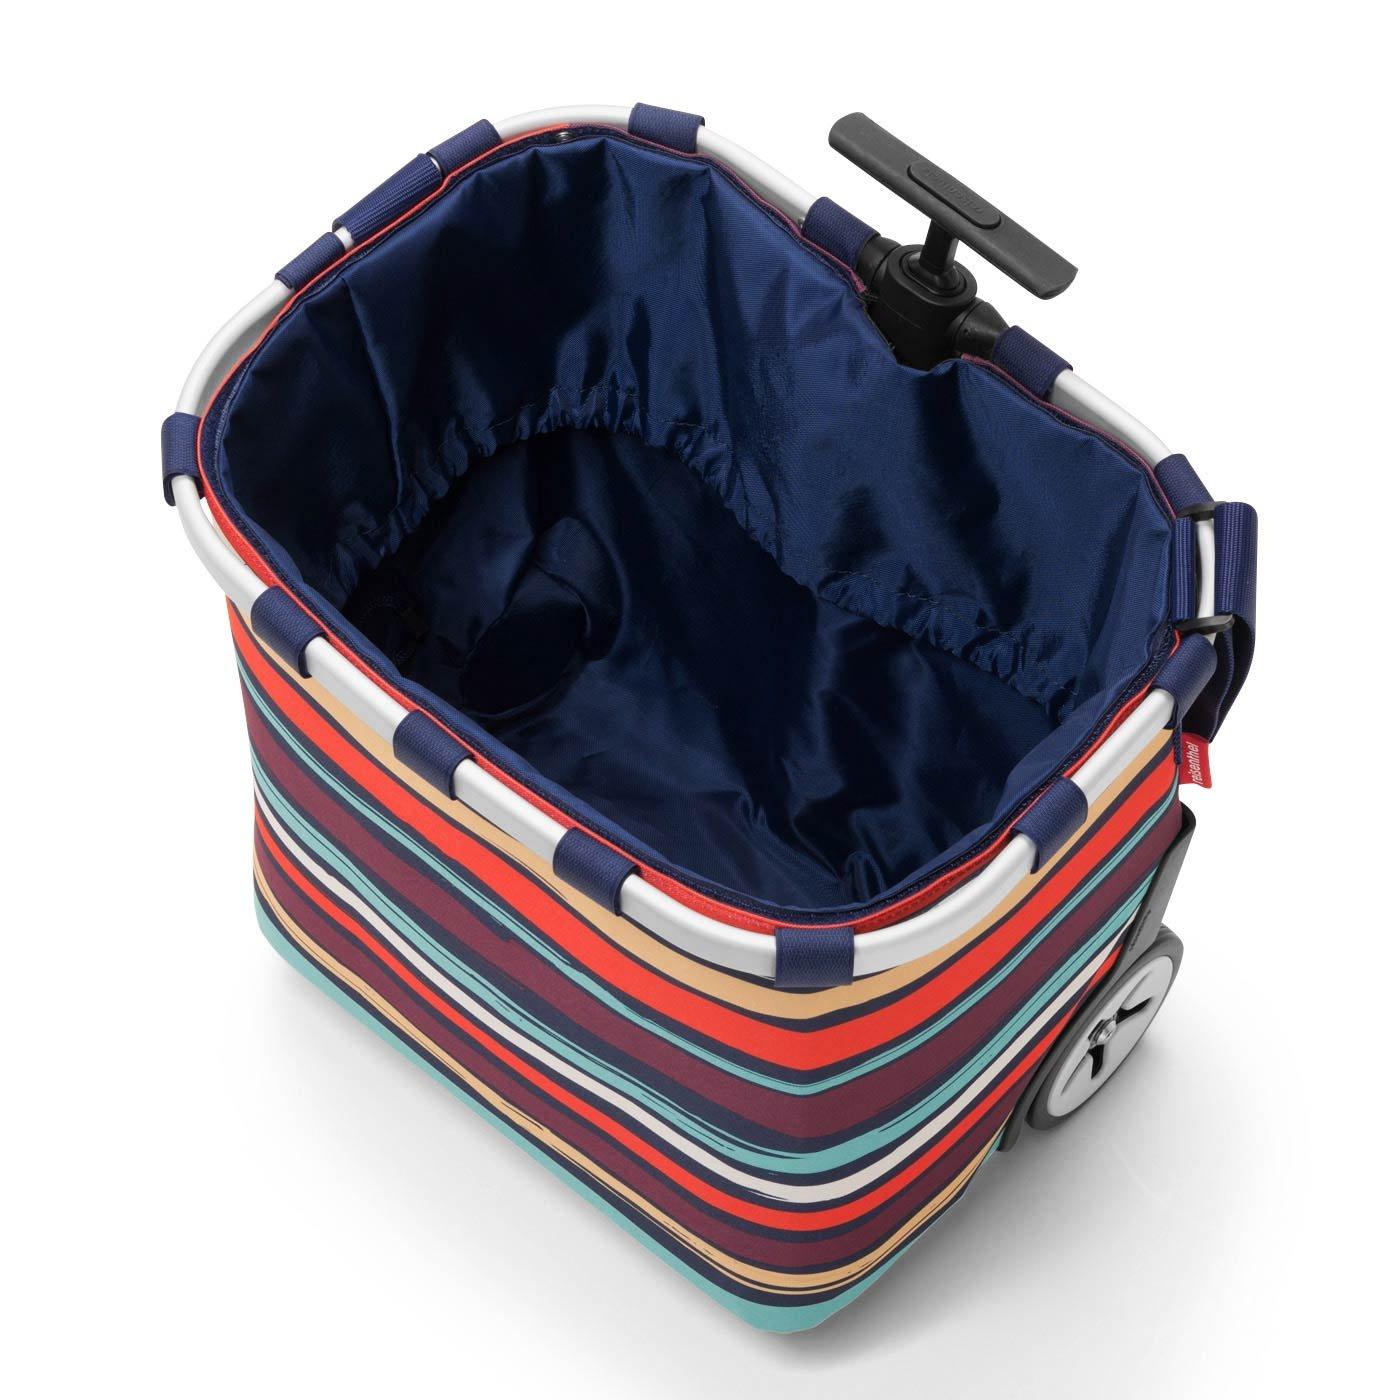 Dark Blue Reisenthel carrycruiser Hand Luggage 48 Centimeters 40 Blue